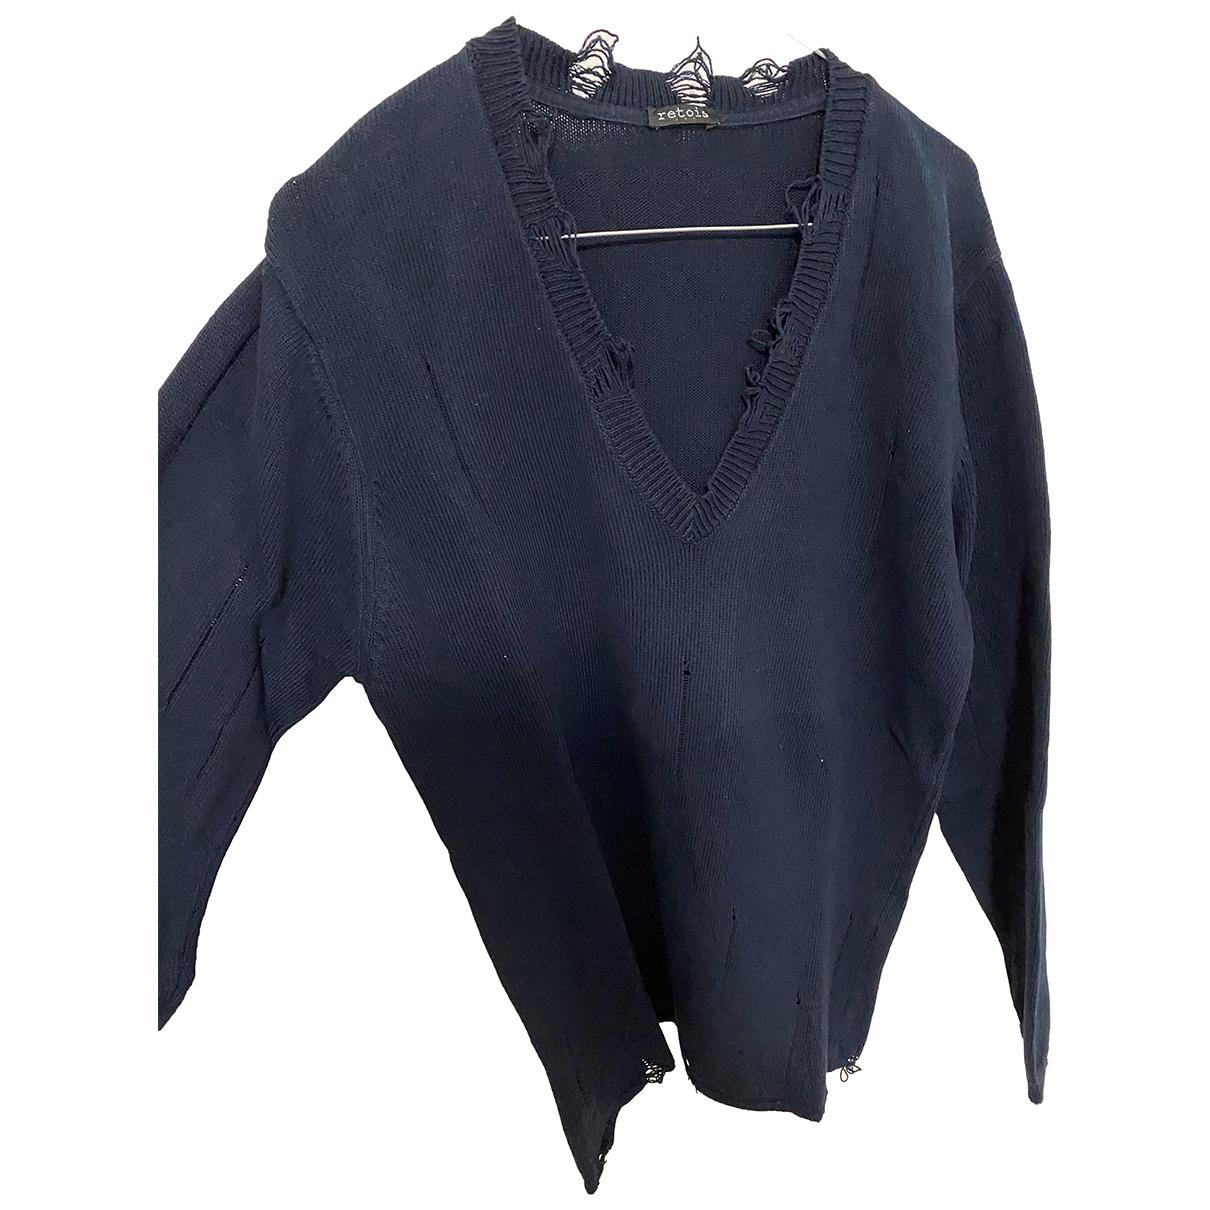 C.b. Made In Italy \N Pullover.Westen.Sweatshirts  in  Blau Baumwolle